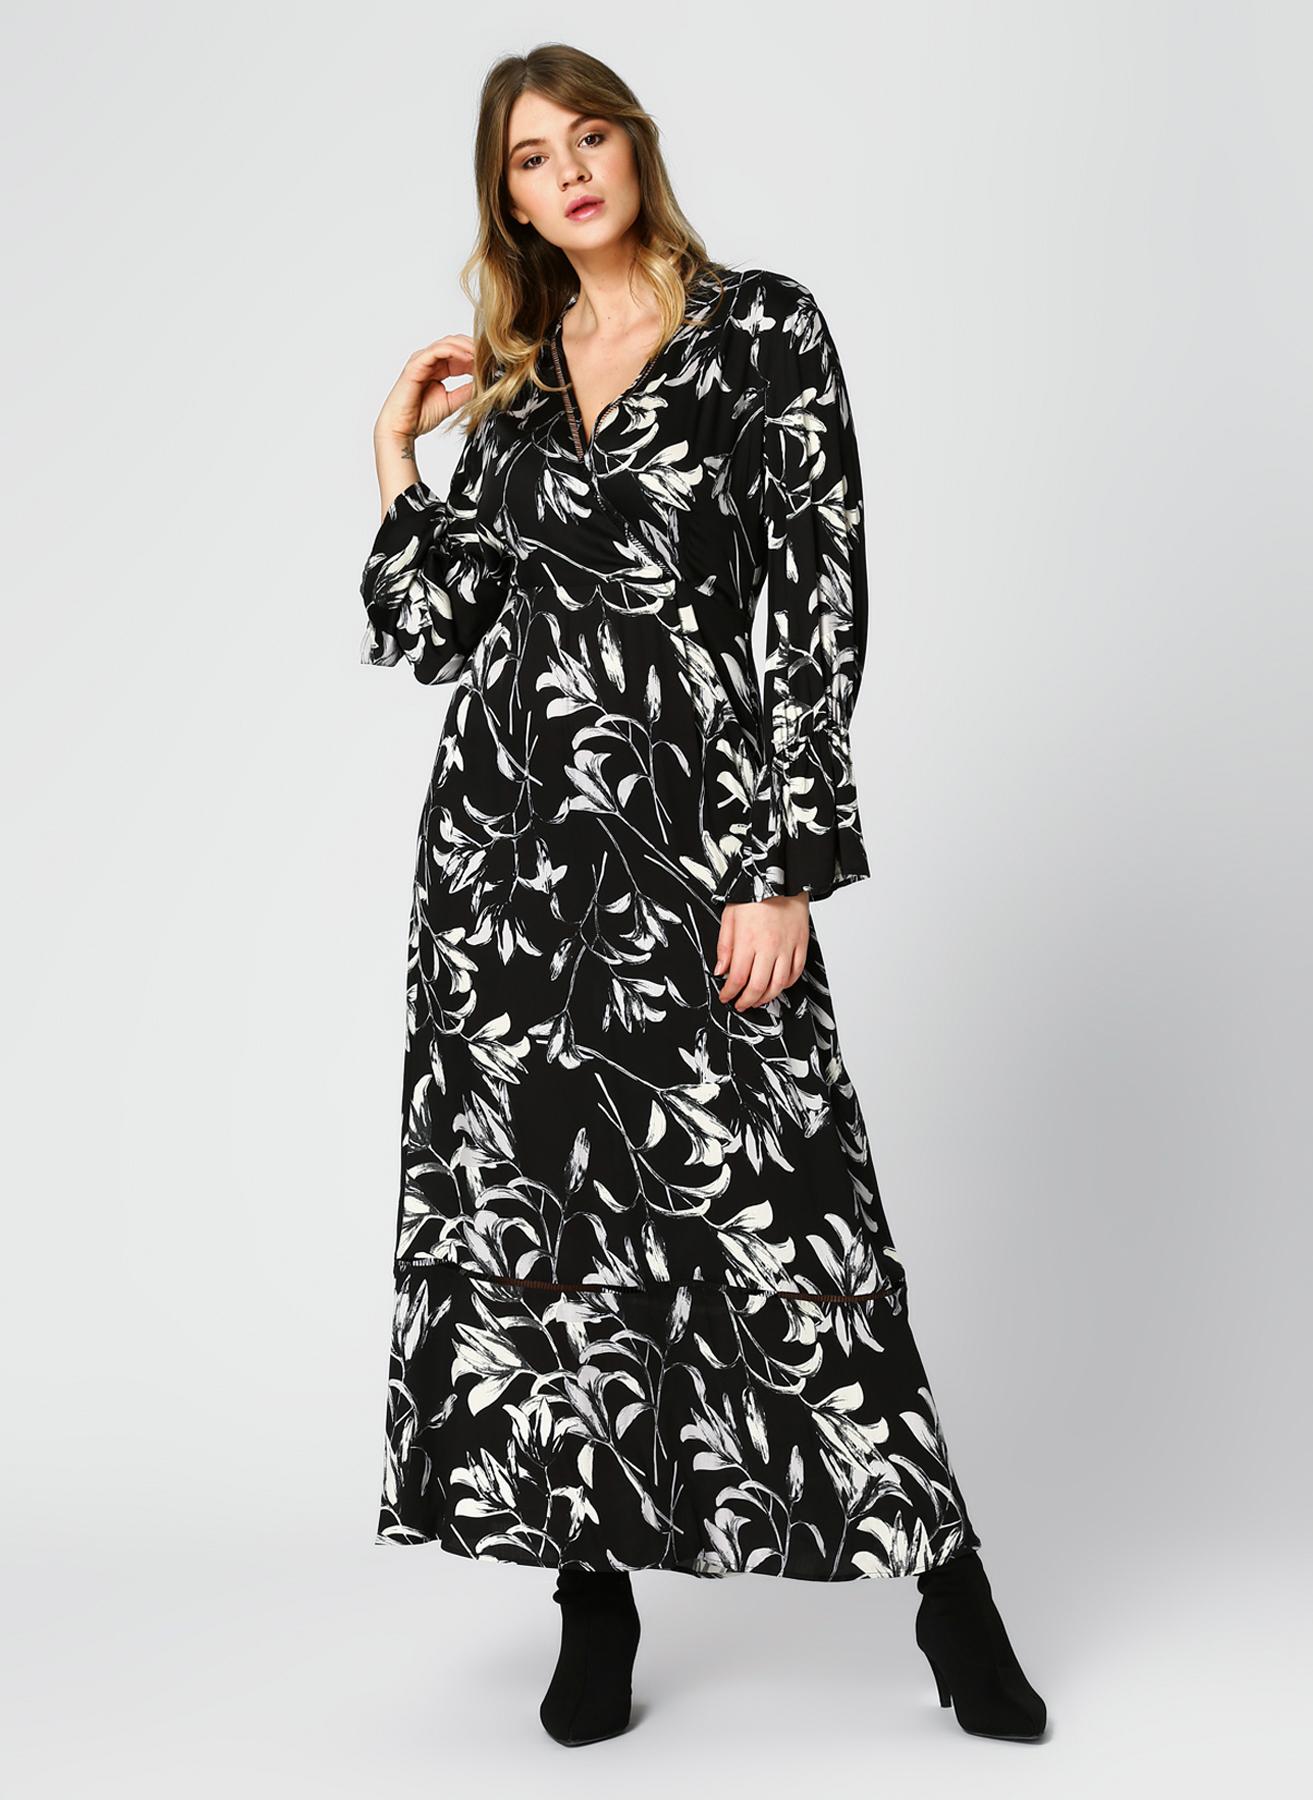 Pierre Cardin Çiçek Desenli Uzun Siyah-Beyaz Elbise 40 5002313196001 Ürün Resmi